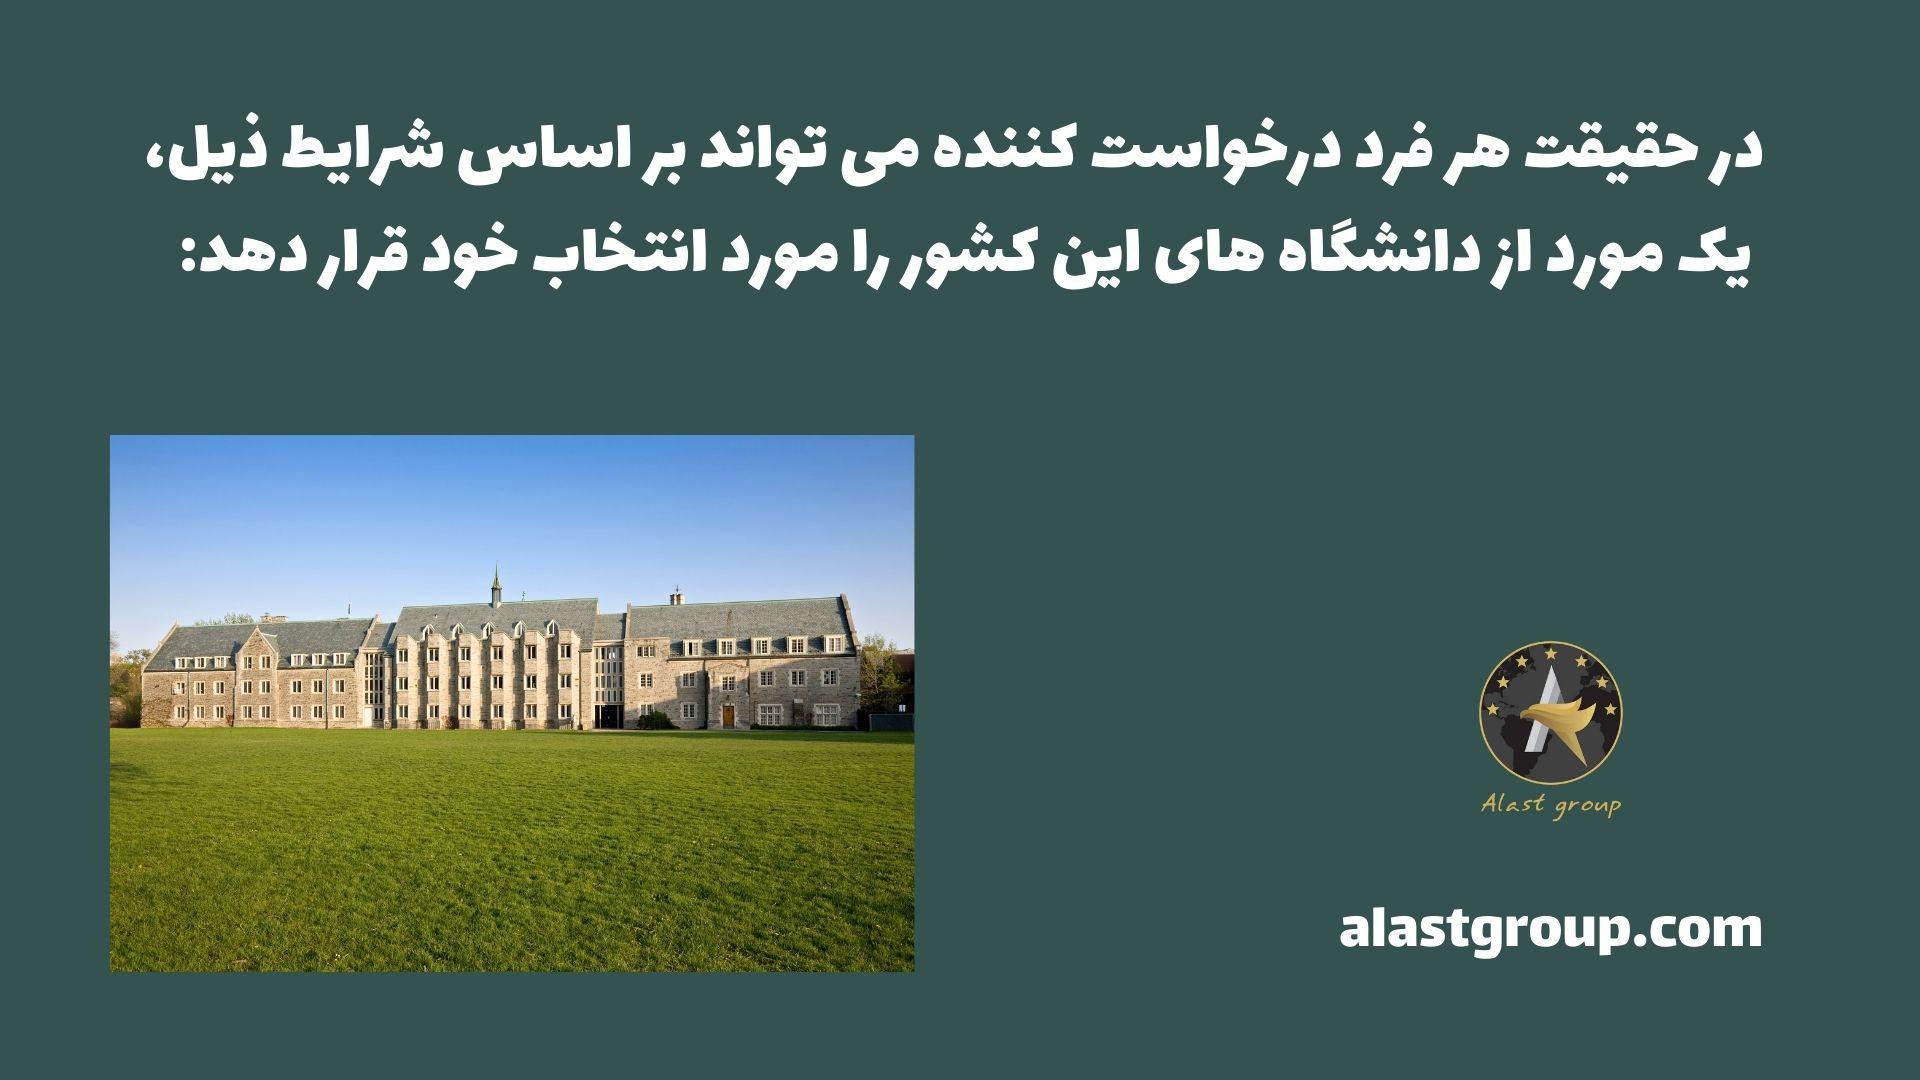 در حقیقت هر فرد درخواست کننده می تواند بر اساس شرایط ذیل، یک مورد از دانشگاه های این کشور را مورد انتخاب خود قرار دهد: